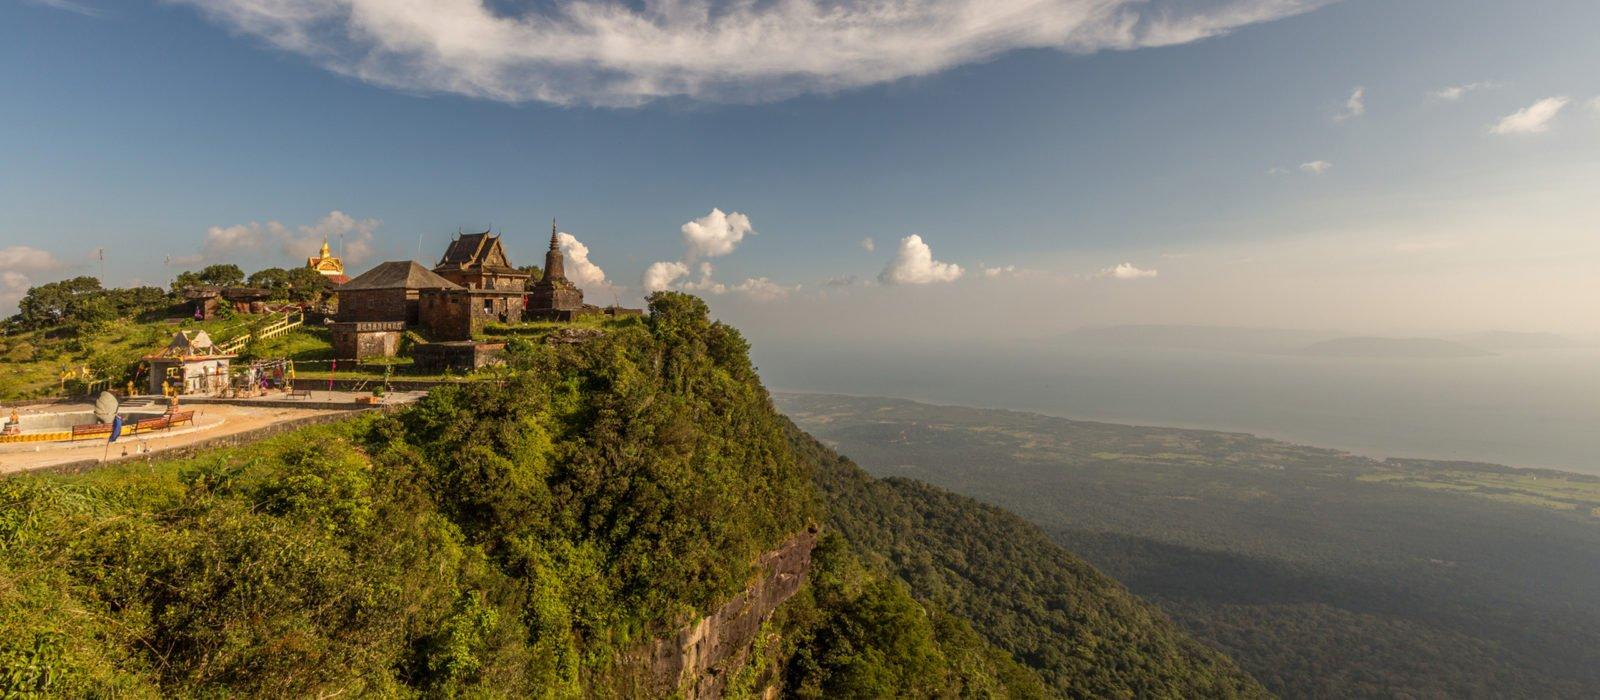 bokor-mountain-kampot-cambodia